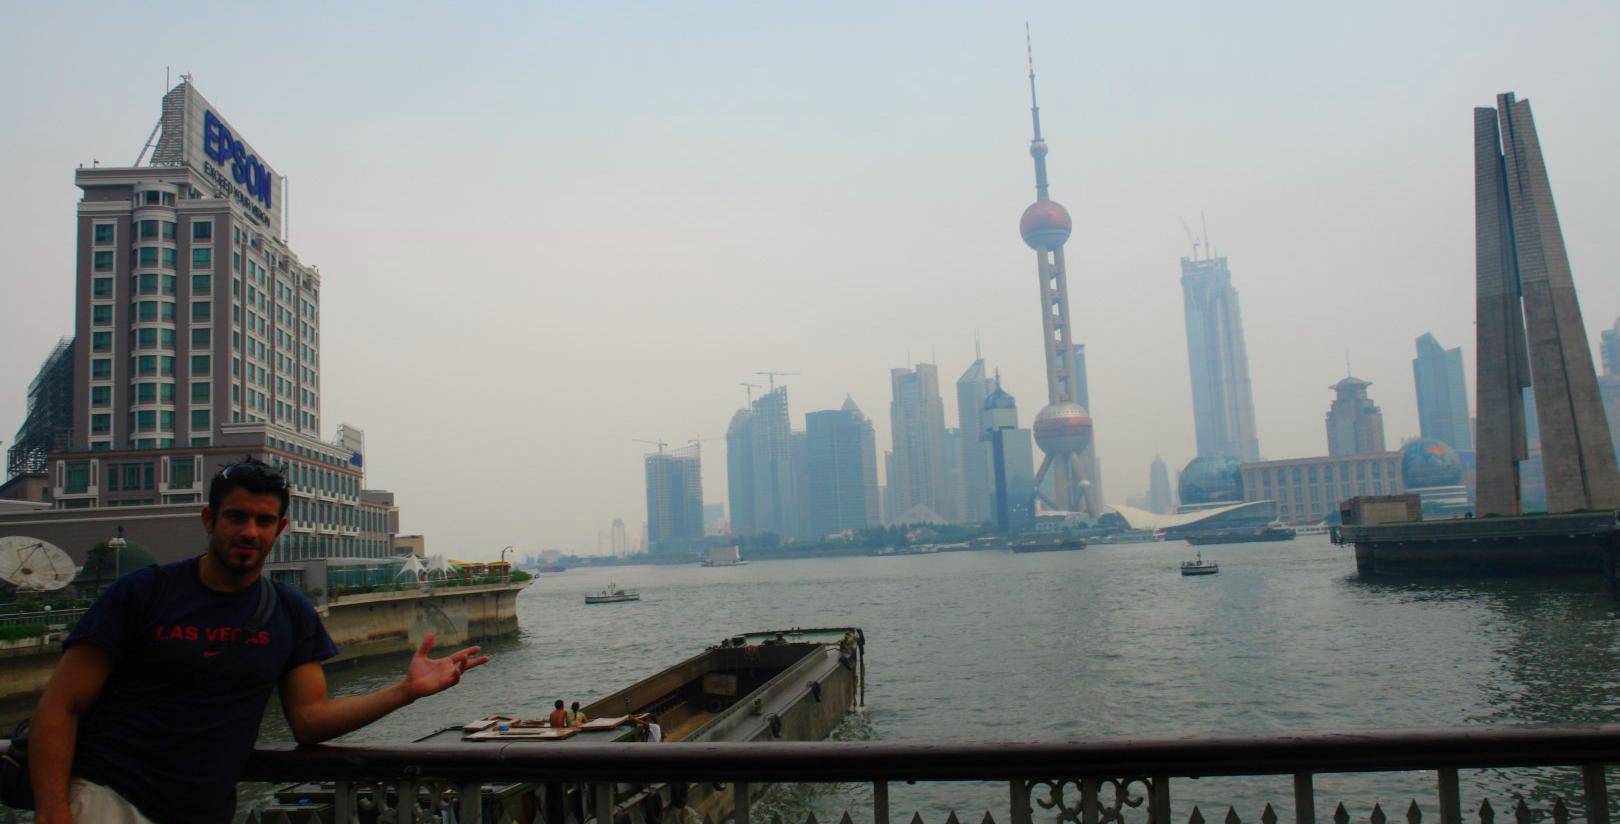 qué ver en Shanghai, China qué ver en shanghai - 32179274210 55be4f8b71 o - Qué ver en Shanghai, China